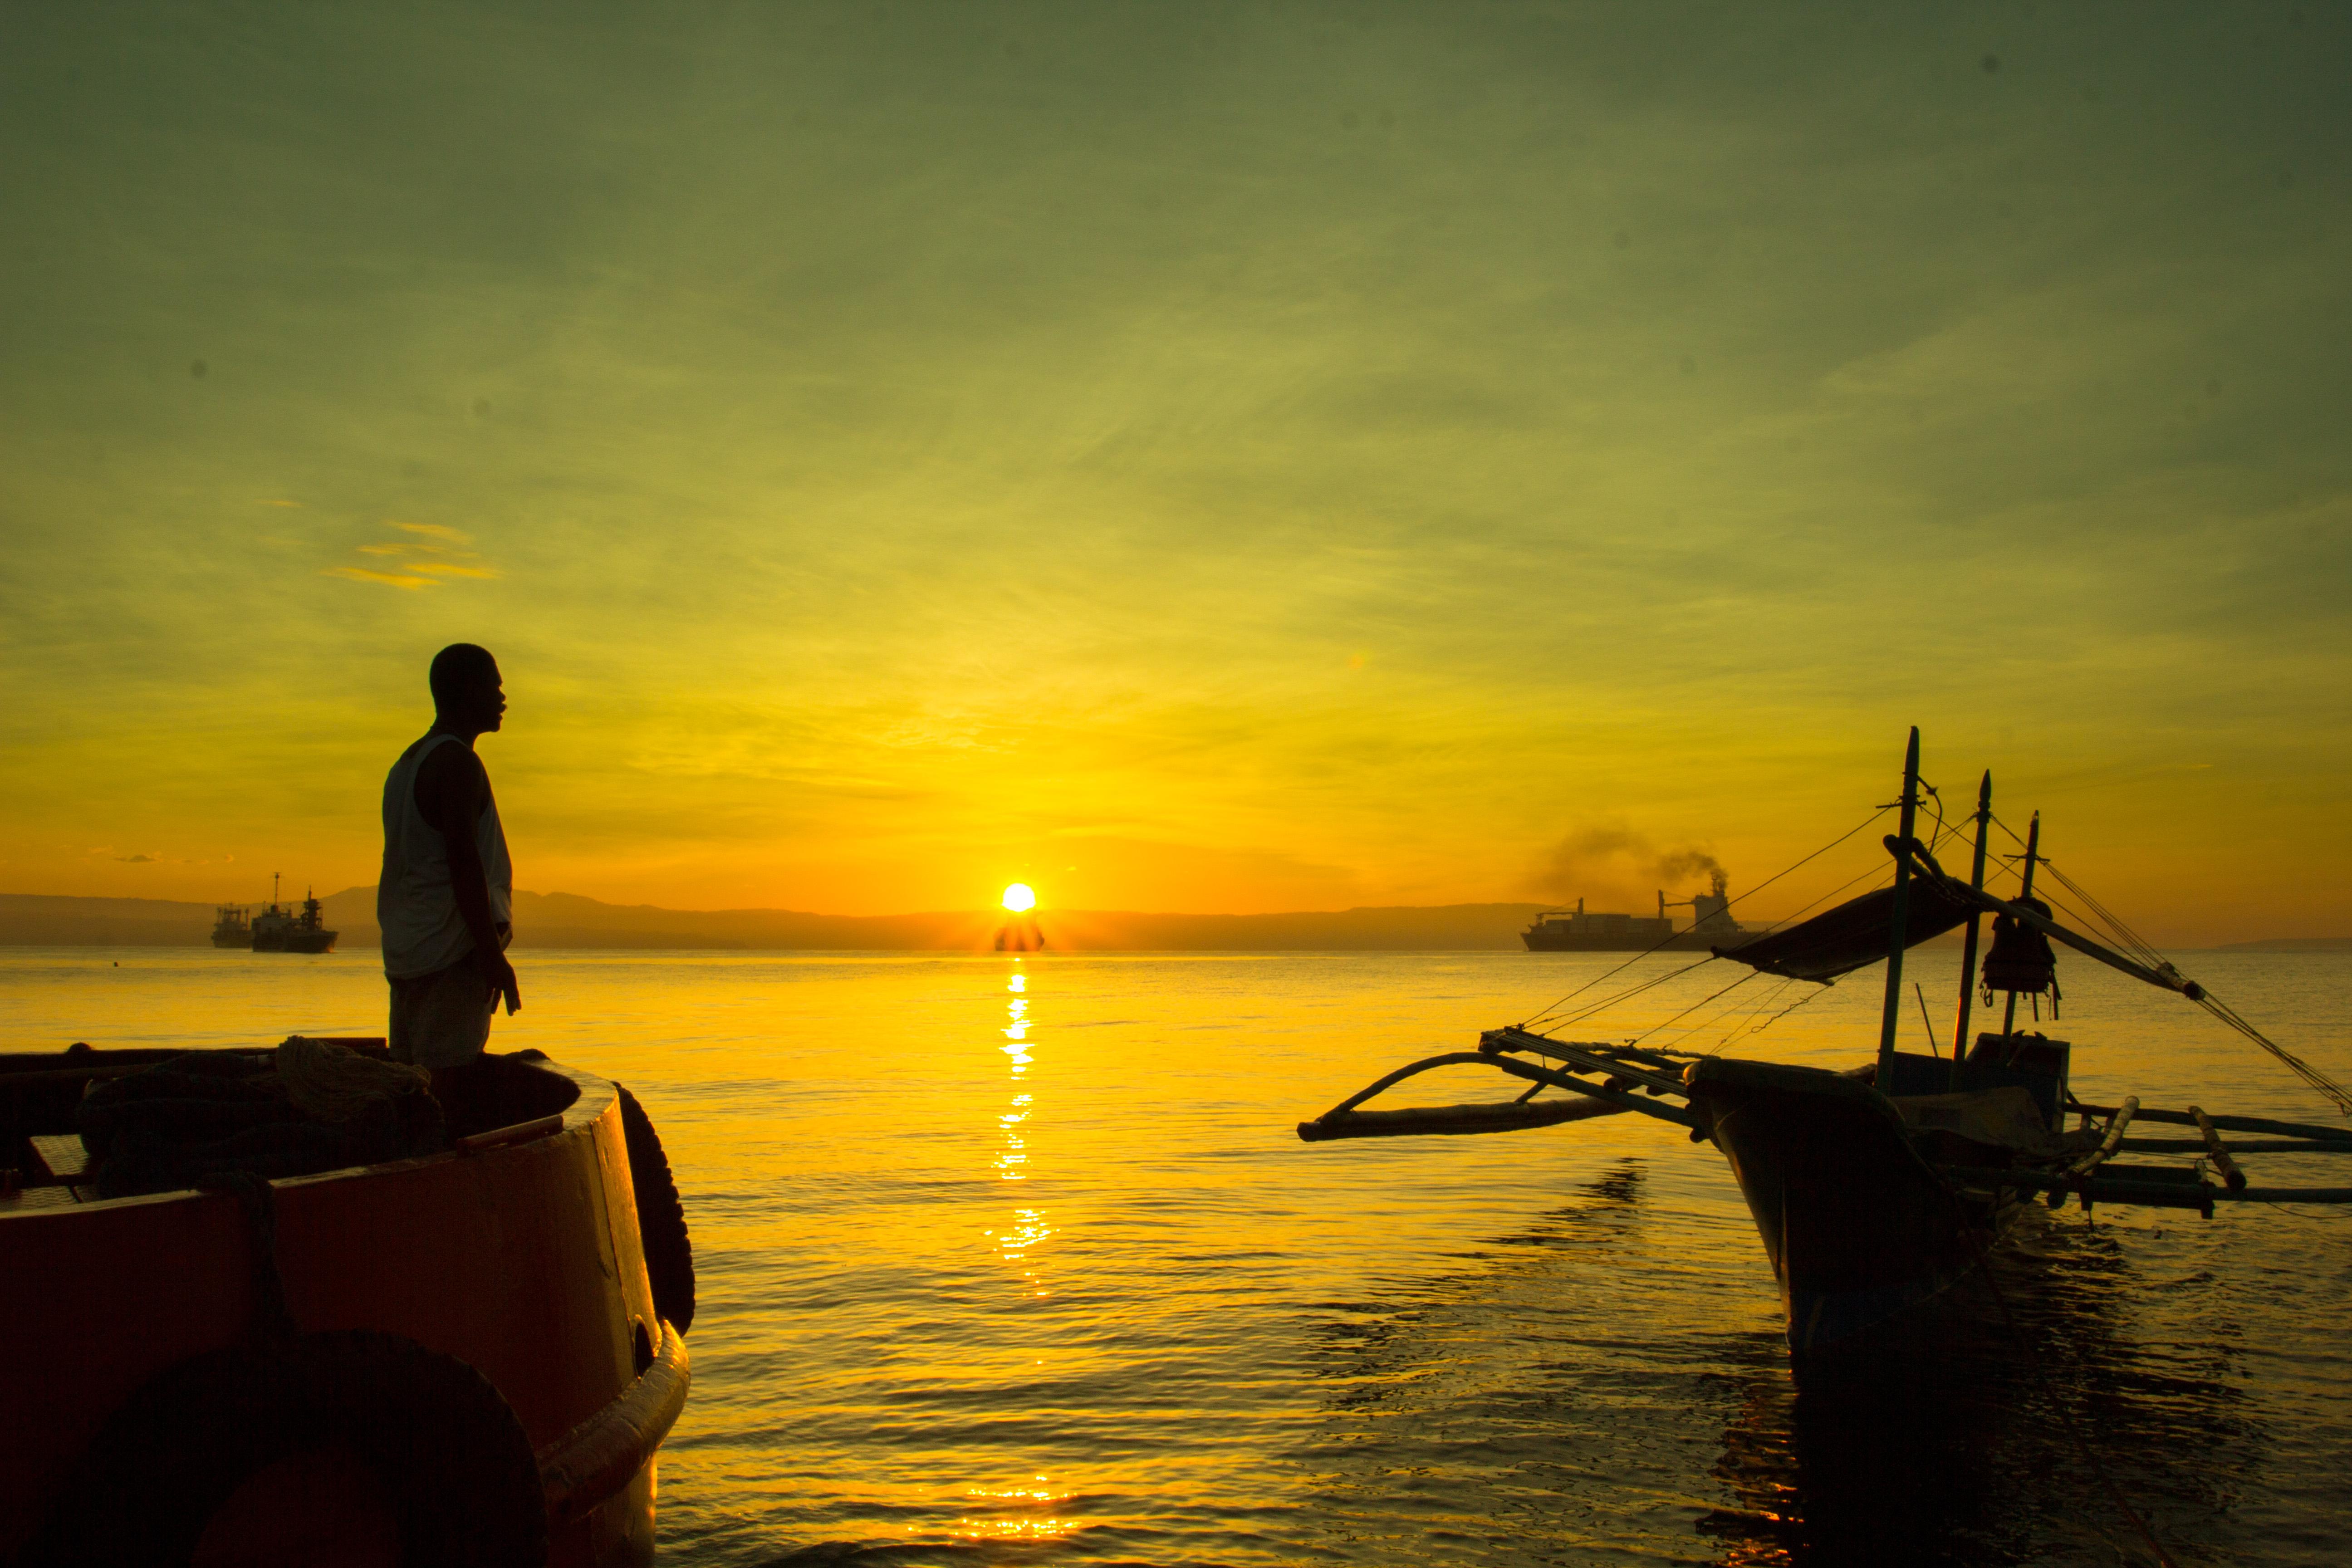 Philippines, Davao